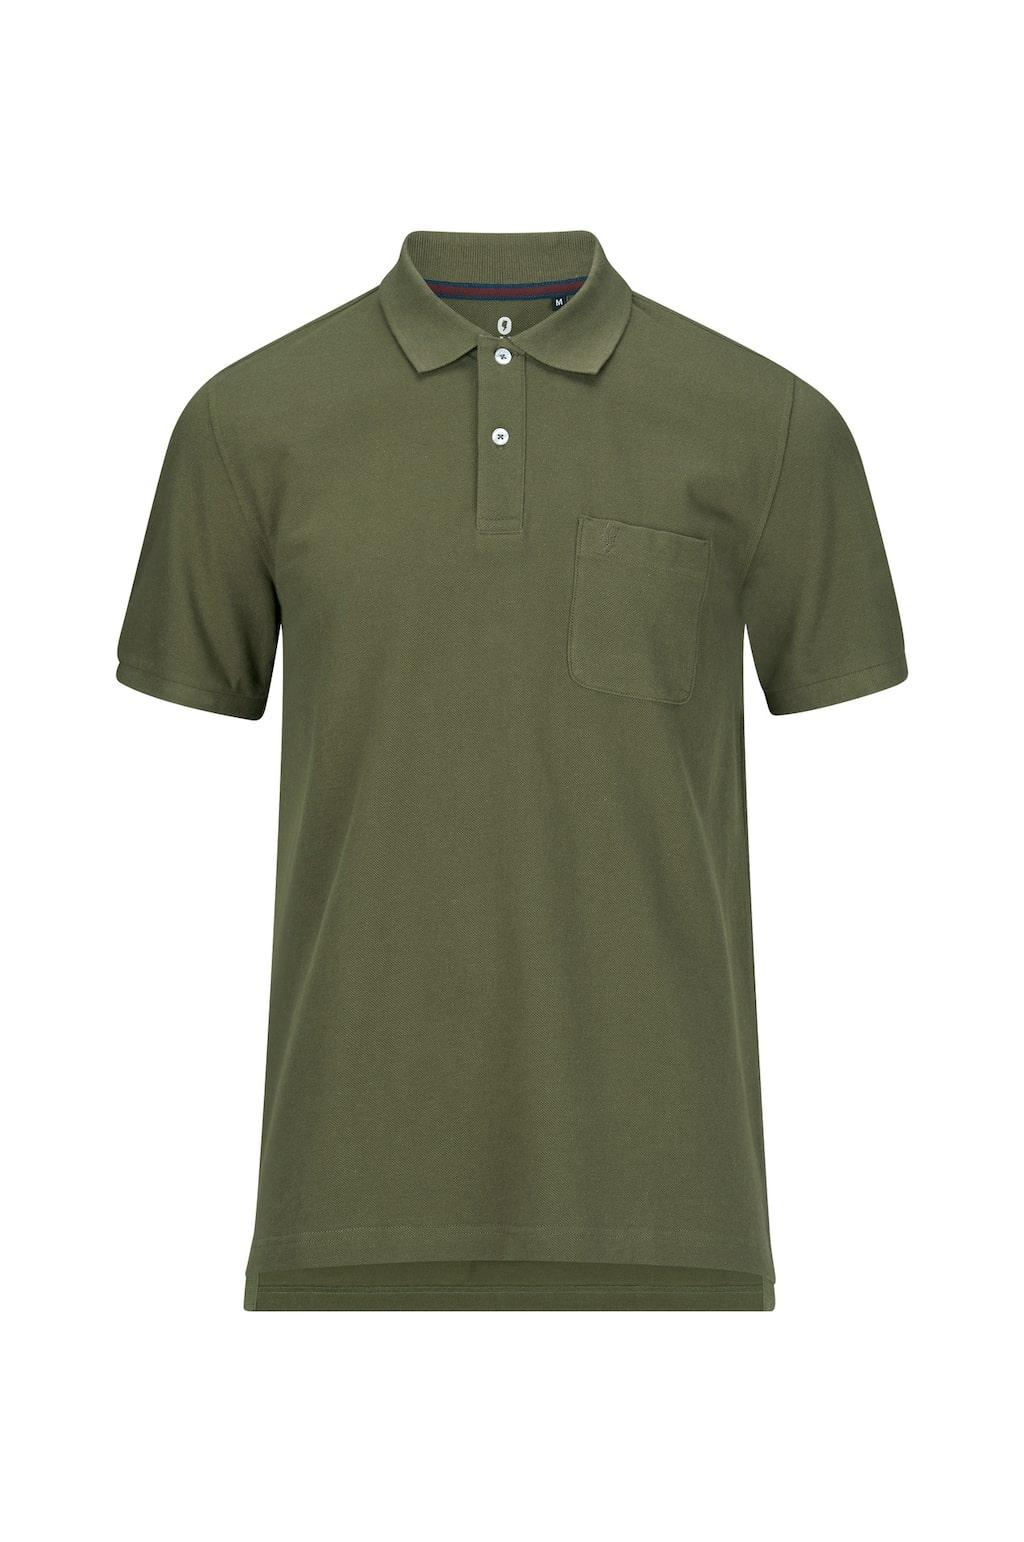 Den här pikéskjortan finns även i vinrött och blått, och kostar 299 kronor.